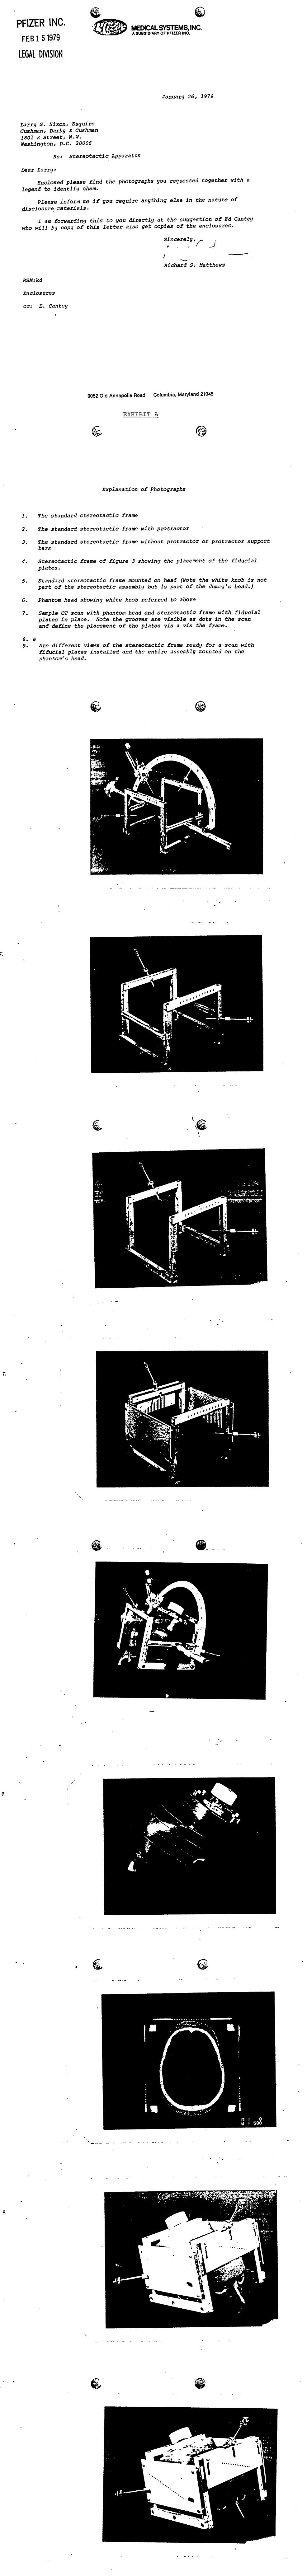 Appendix-2:-Richard-Matthews-Letter,-pp.-1-7,-January-26,-1979